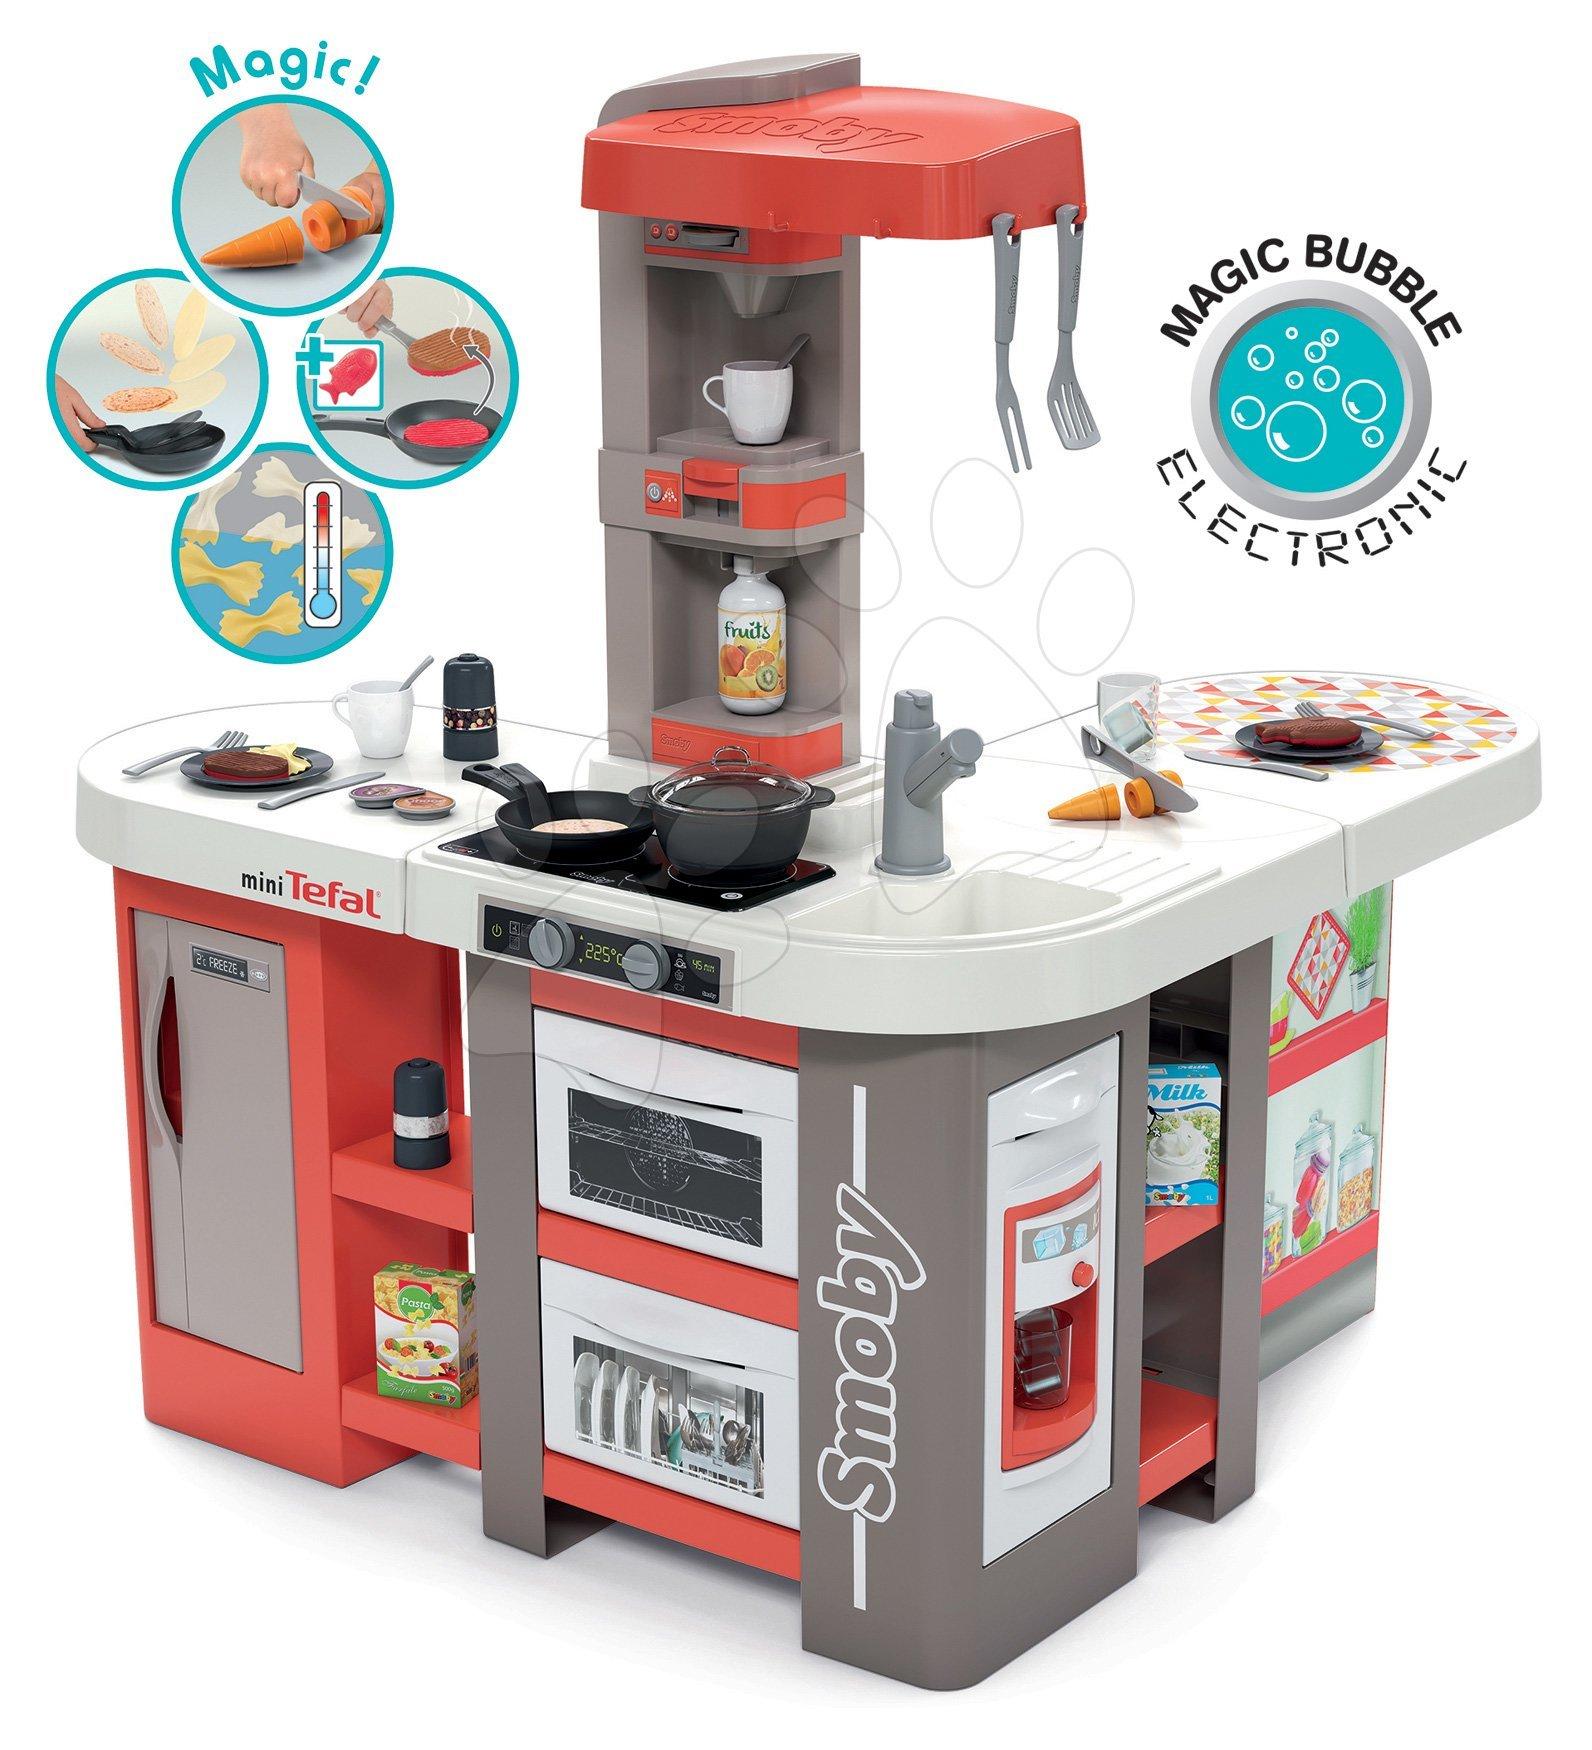 Kuchynka elektronická Tefal Studio 360° XXL Bubble Smoby mrkvová s magickým bublaním, ľadom a cestoviny s mrkvou a 39 doplnkov